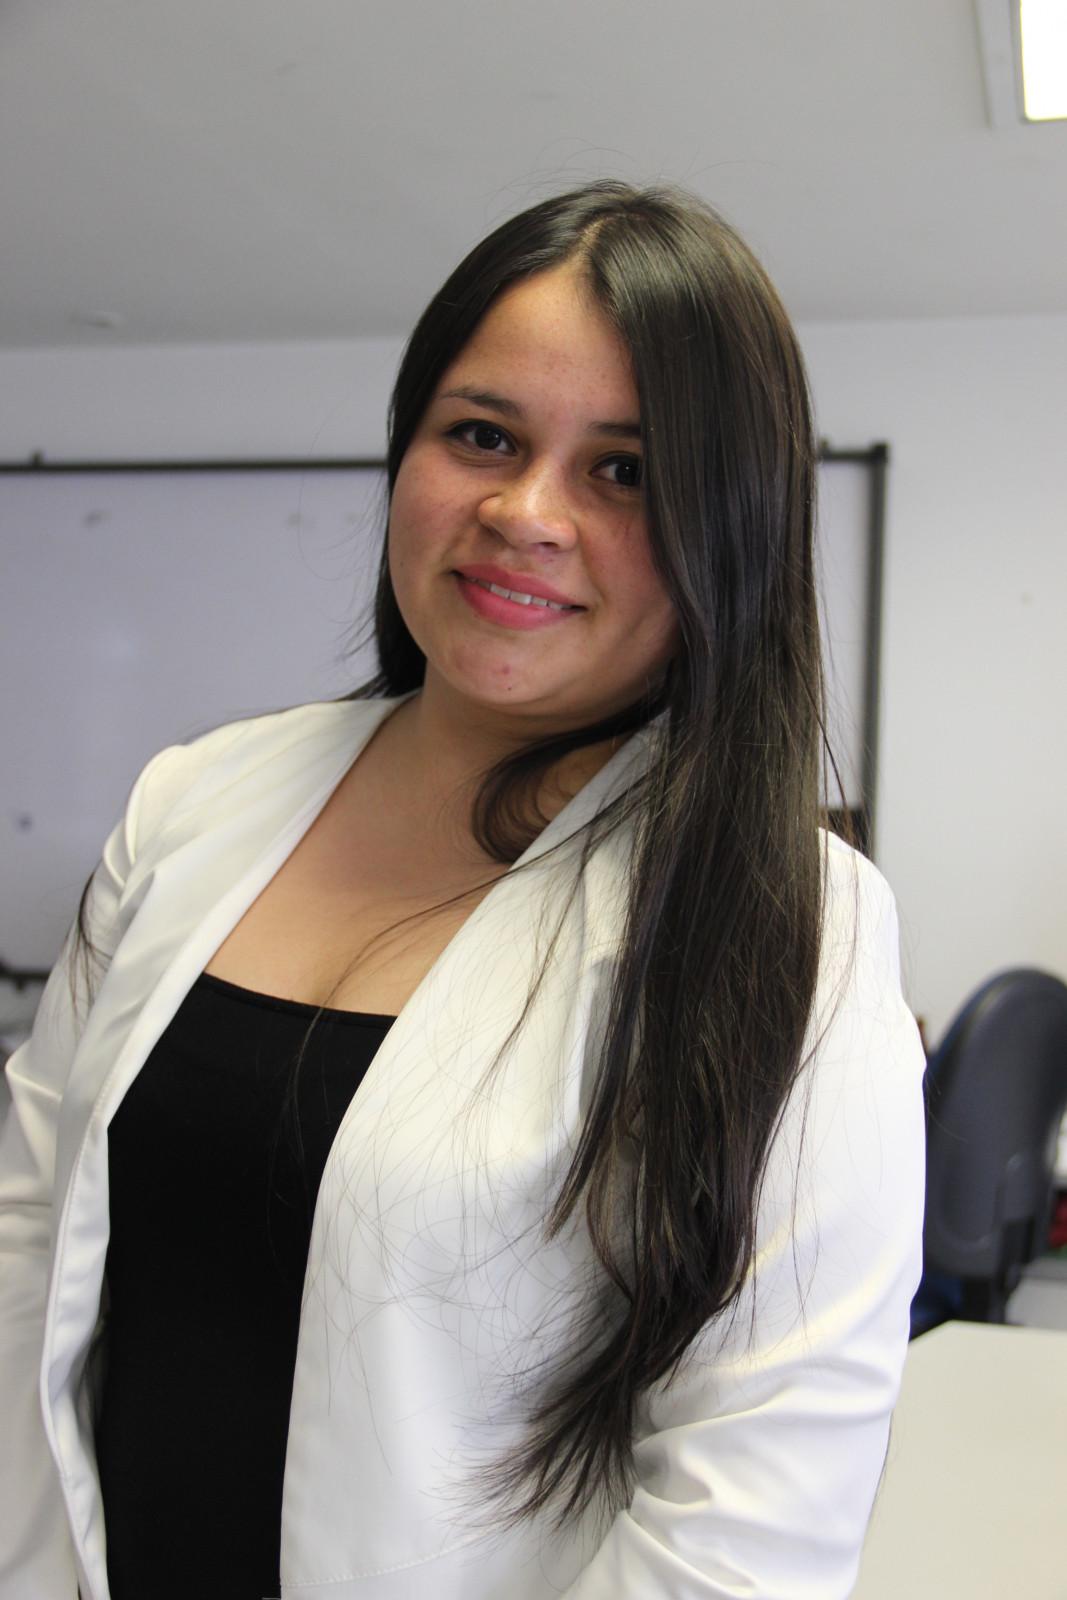 Cindy Paola Pérez Baquero